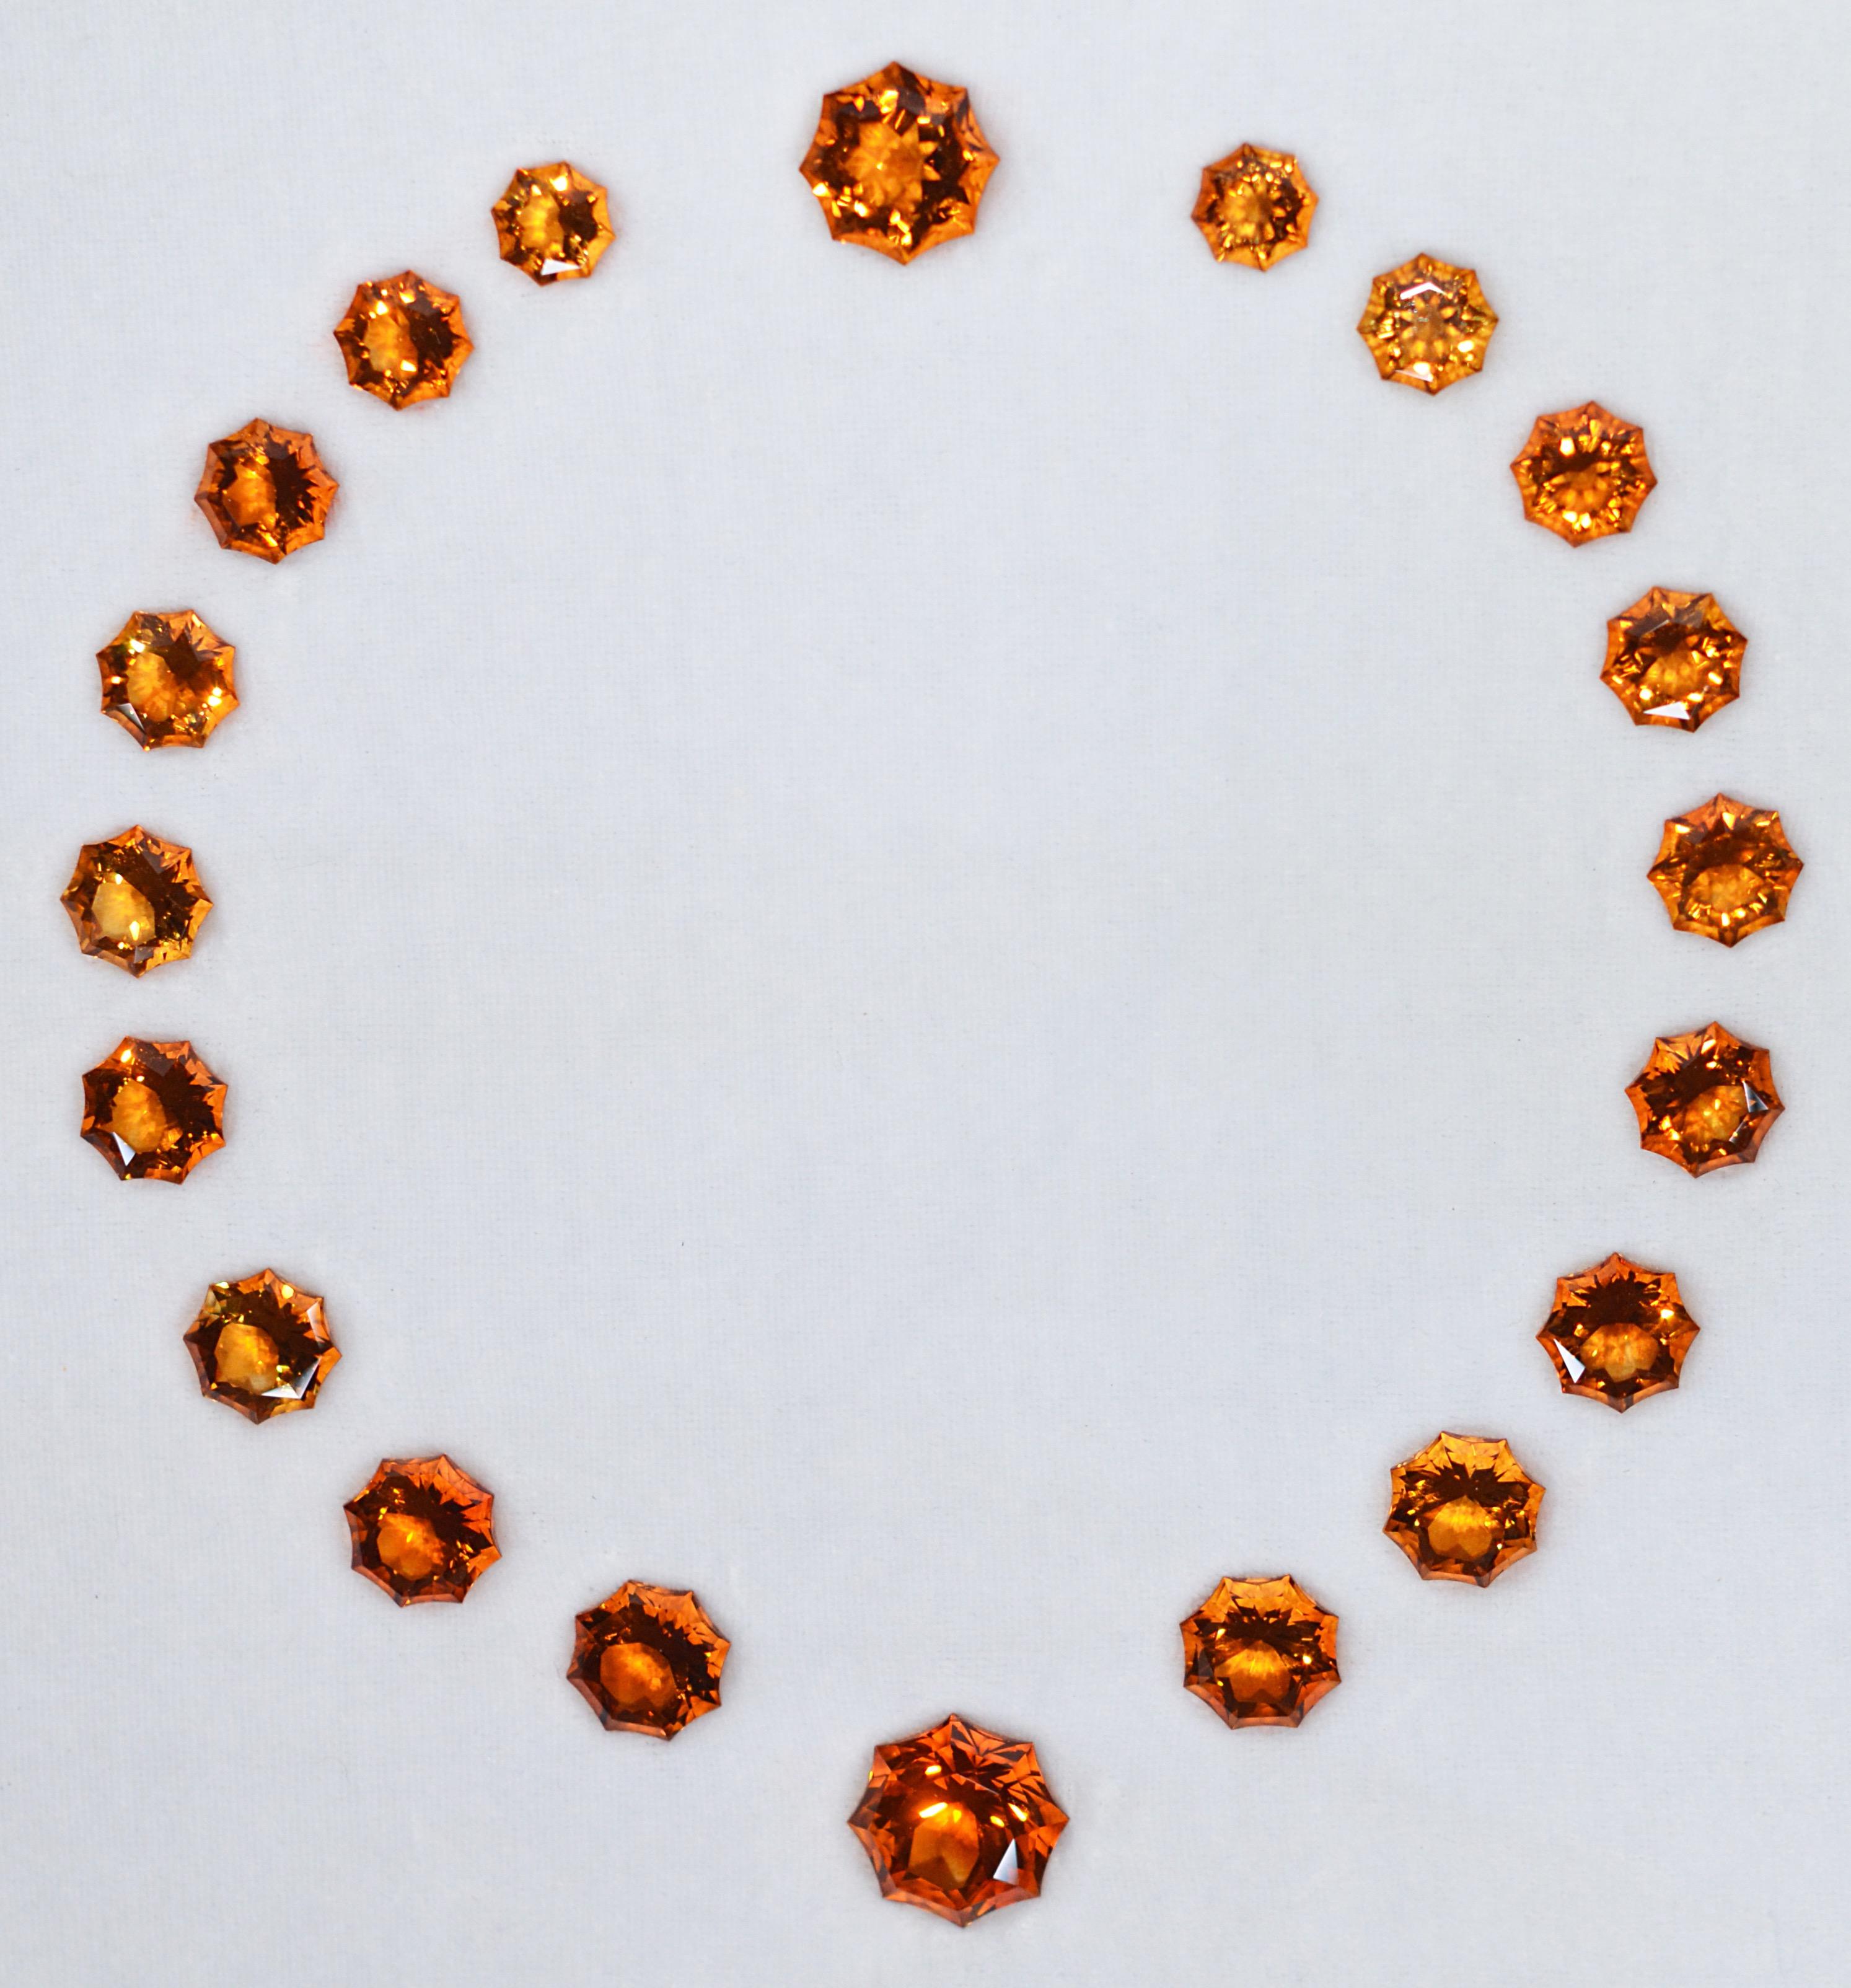 Demie parure de citrine : Collier 19 pierres en chute et Bague 1 pierre Taille « Soleil » 397, 42 carats